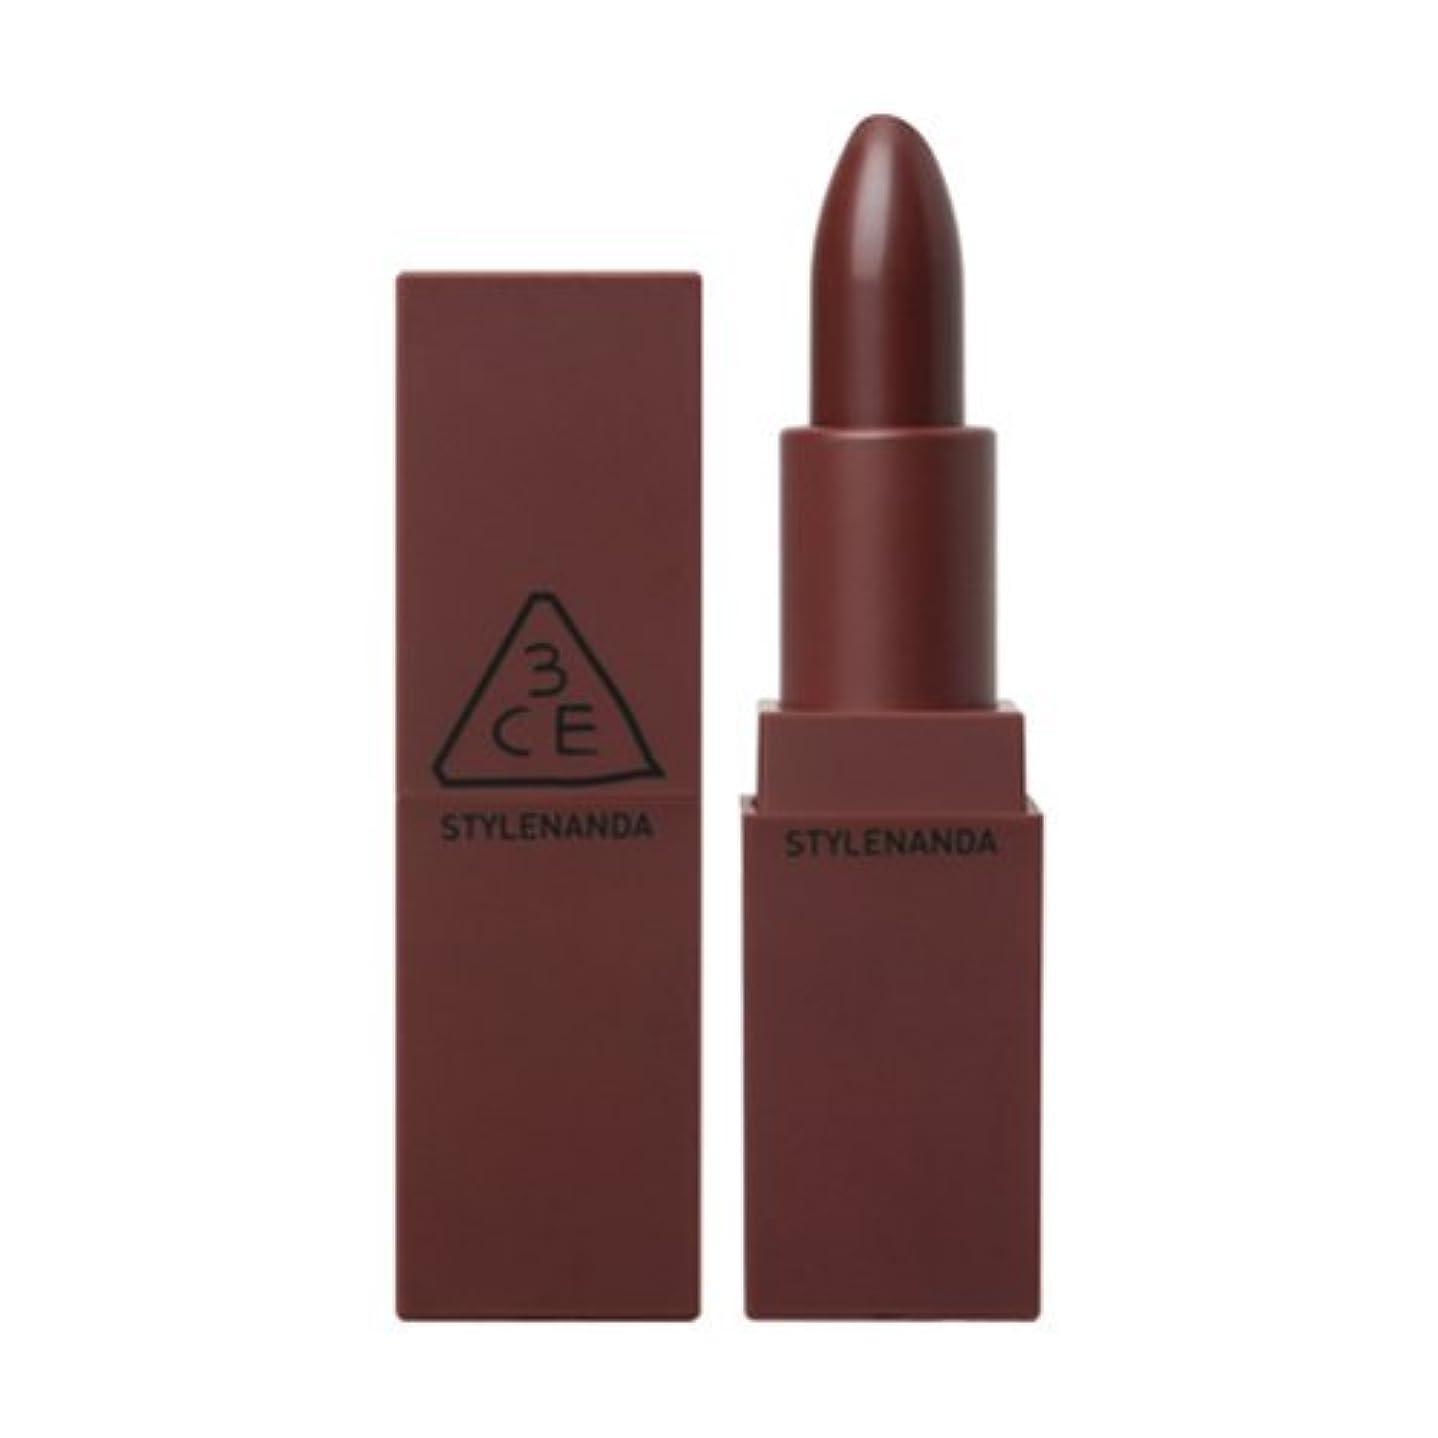 レンディション比べるつかむSTYLE NANDA 3CE MOOD RECIPE マットリップ リップスティック カラー#117 Chicful 3.5g / STYLE NANDA 3CE MOOD RECIPE MATTE LIP Lipstick...